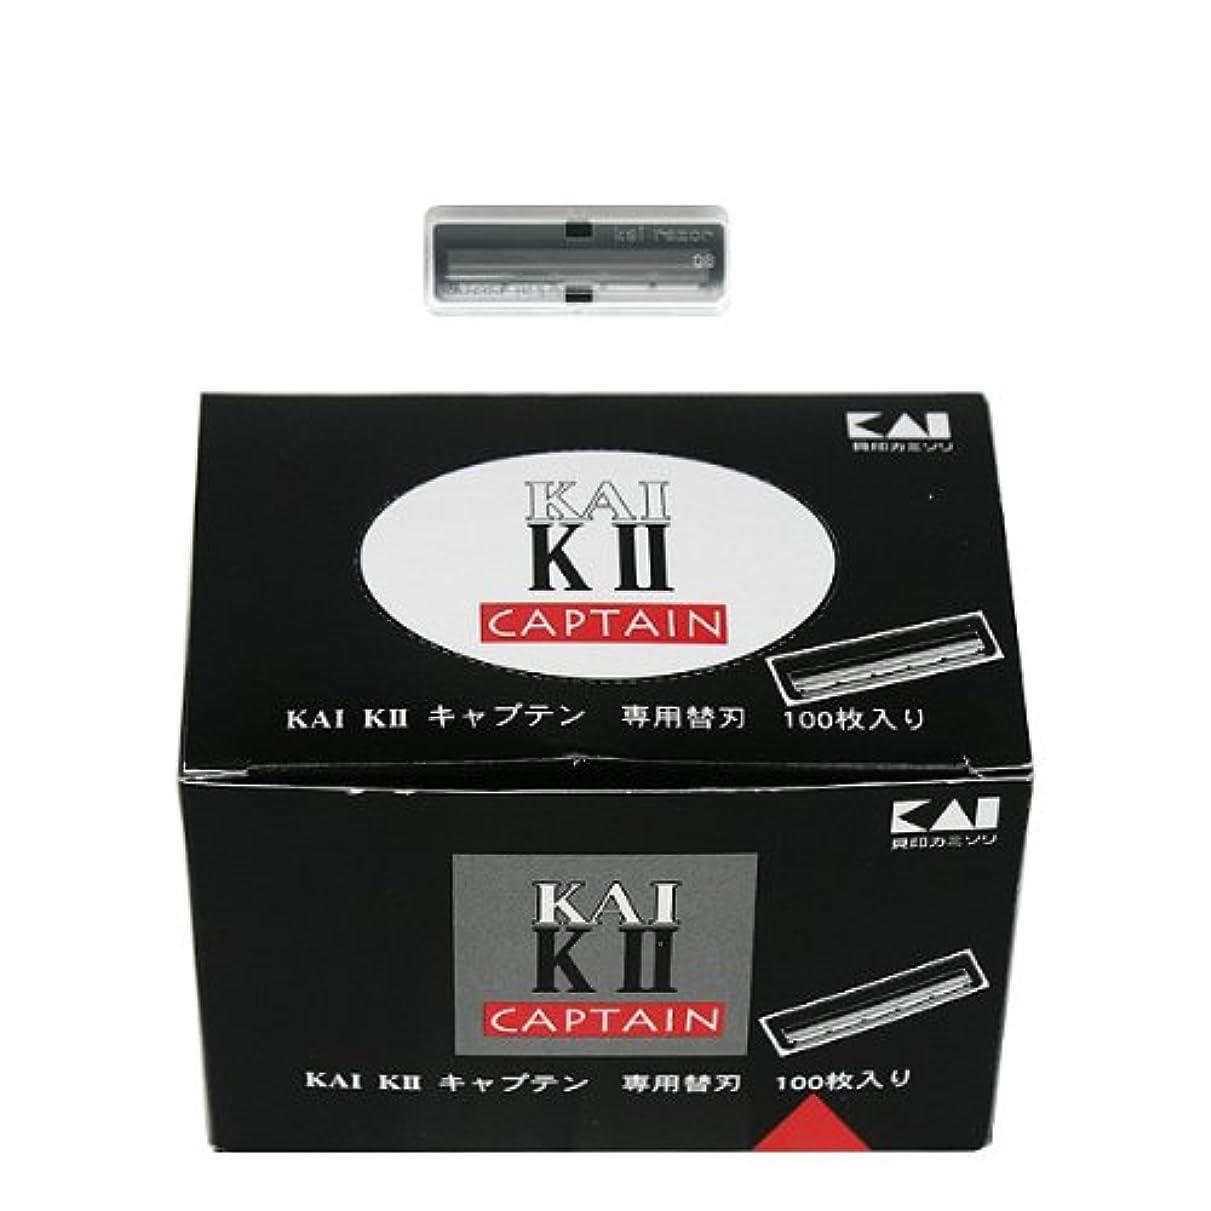 暴動有効彼貝印カミソリ KAI K2キャプテン 専用替刃 BーCAP 100枚入